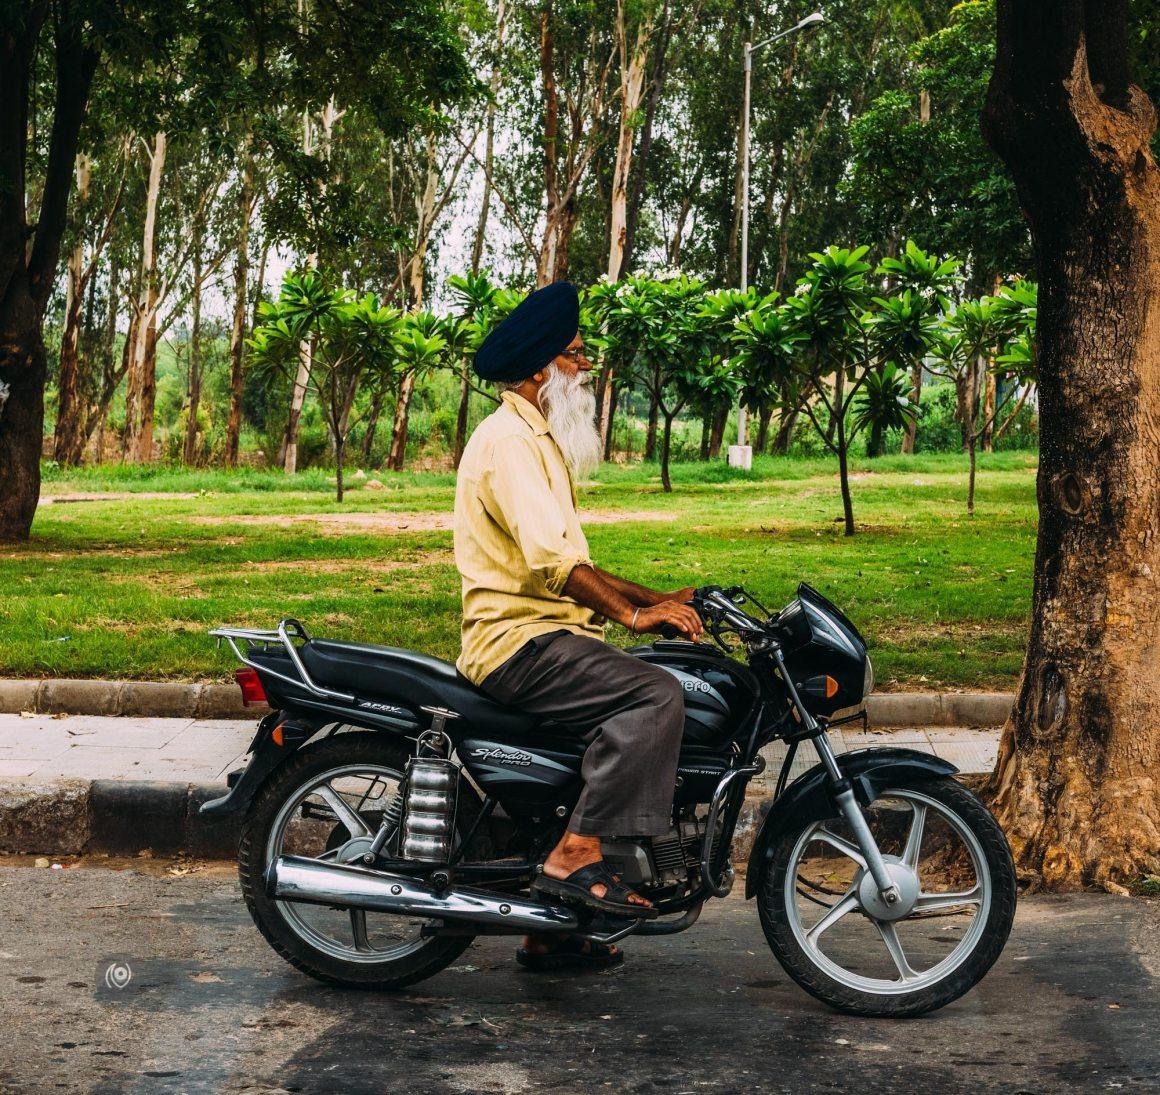 Naina.co-Luxury-Lifestyle-Photographer-Blogger-REDHUxTheLalit-Travel-EyesForDestinations-Chandigarh-04a